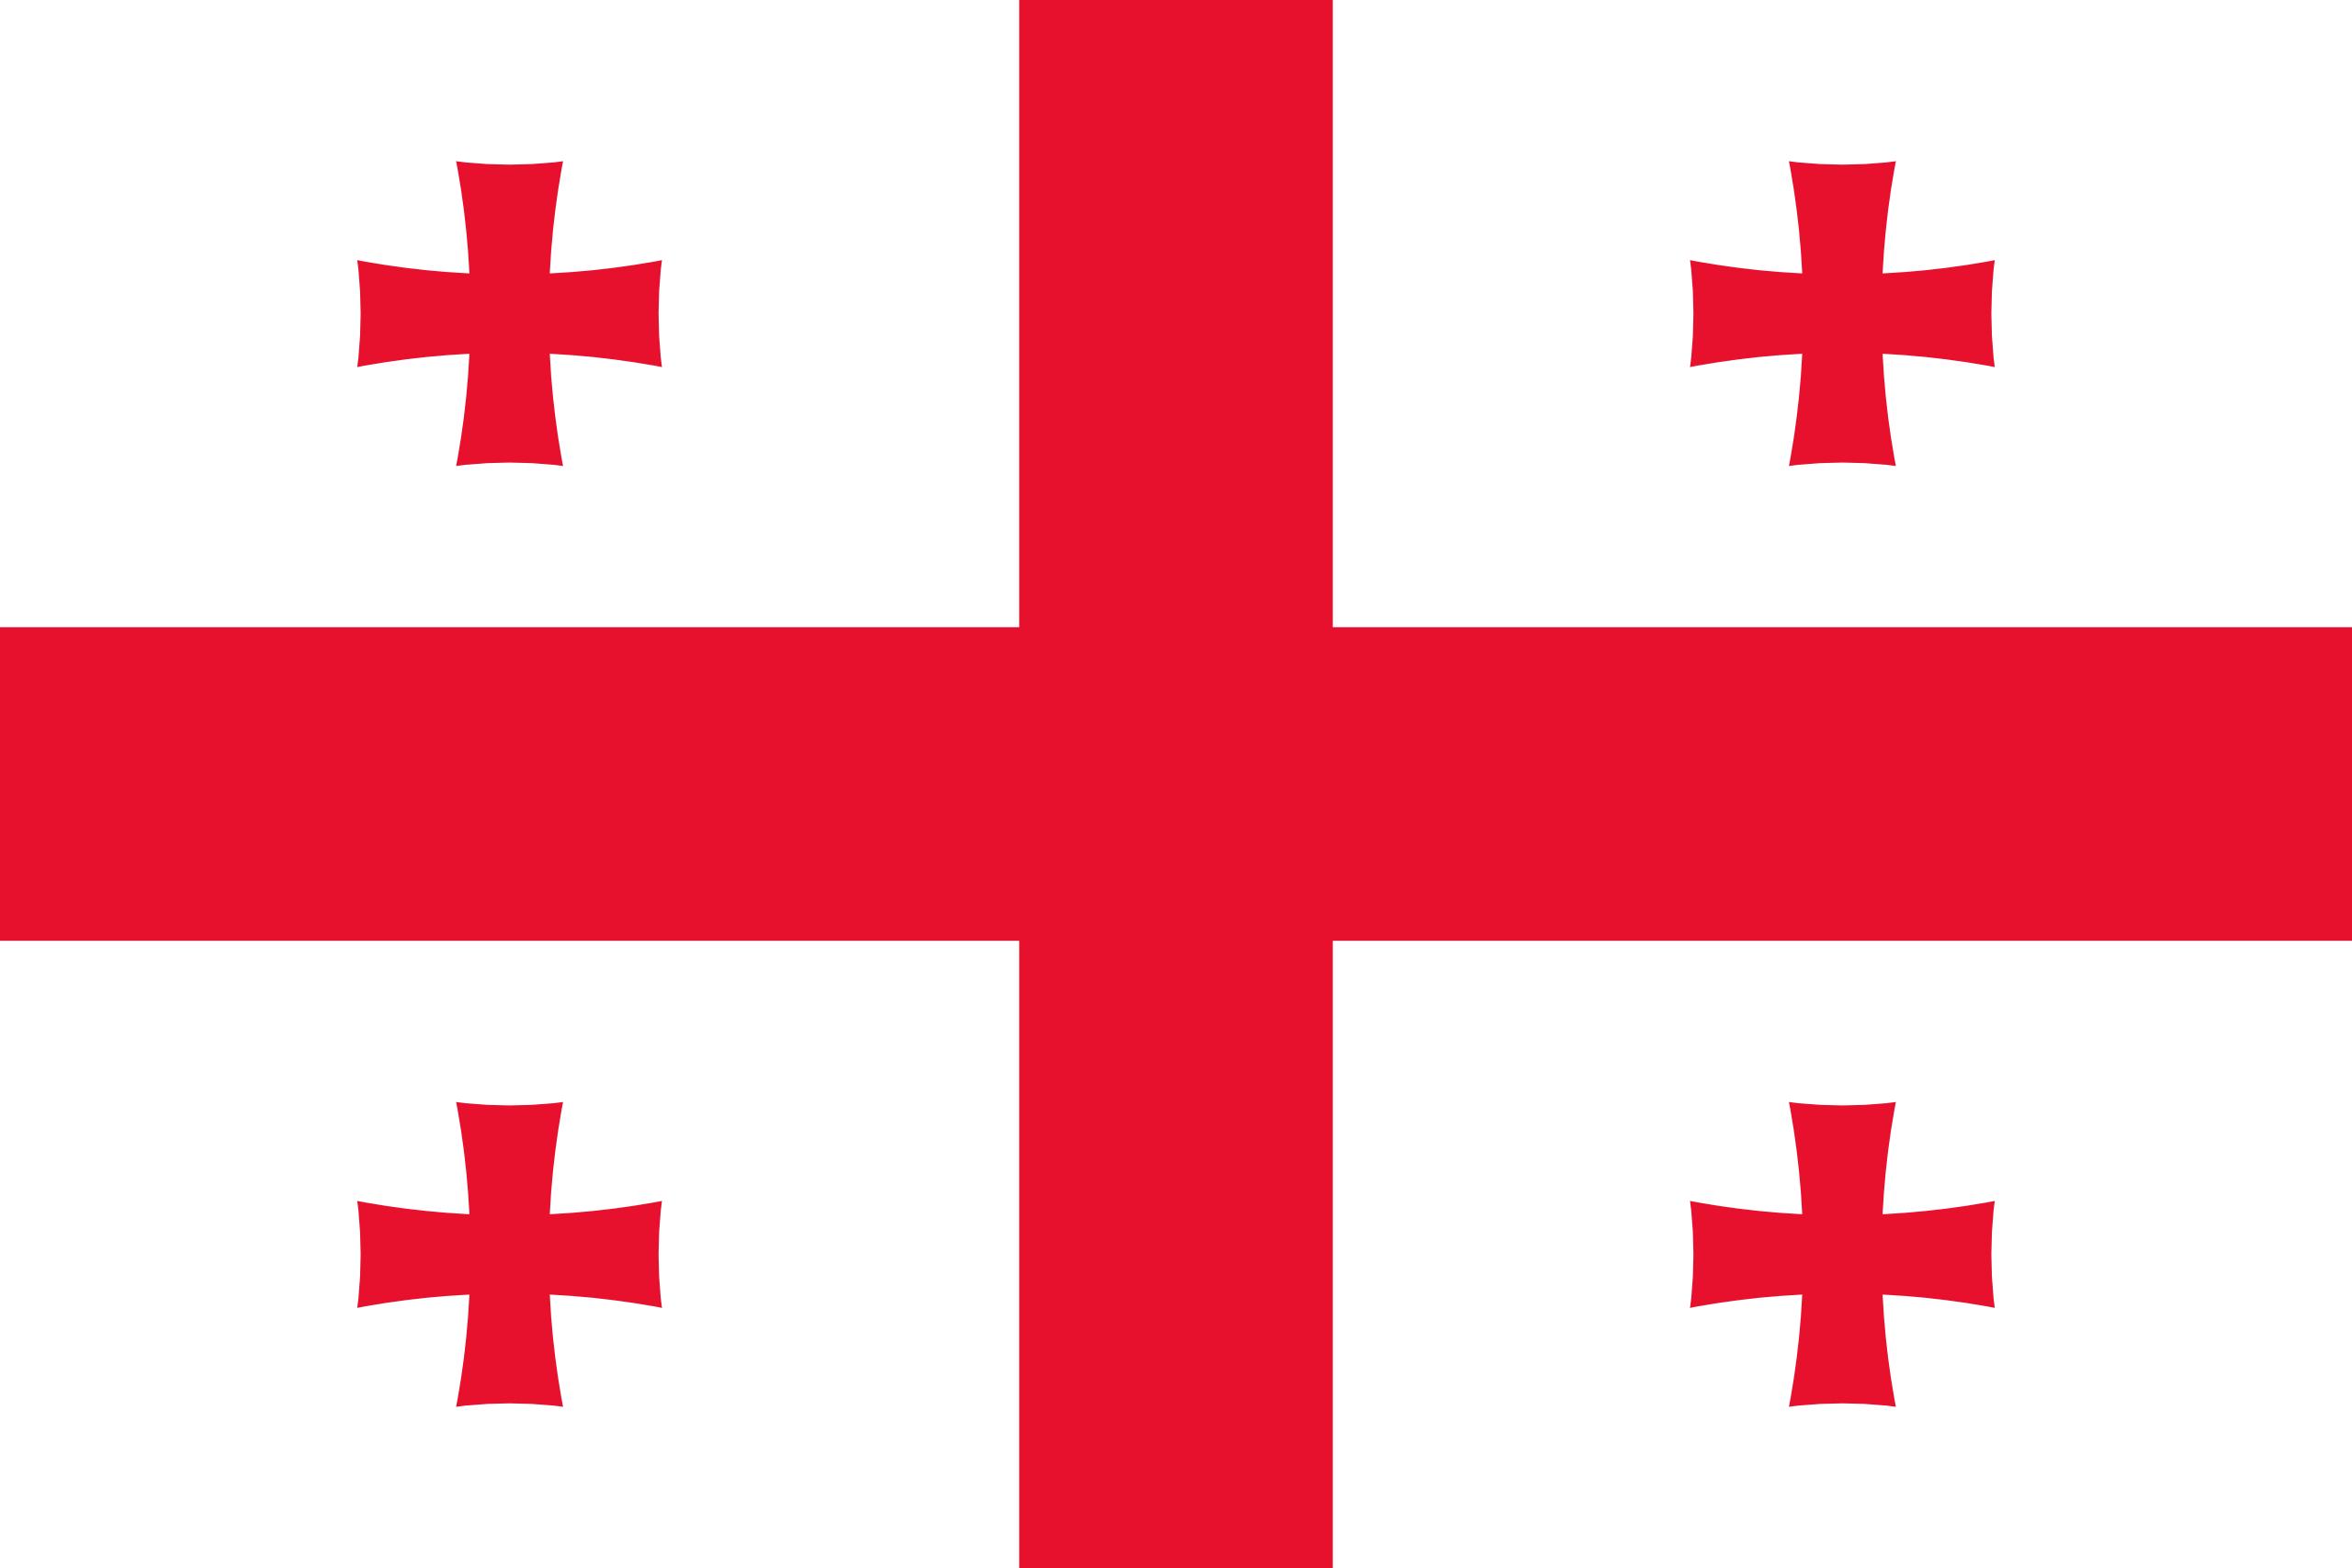 georgia, 国家, 会徽, 徽标, 符号 - 高清壁纸 - 教授-falken.com